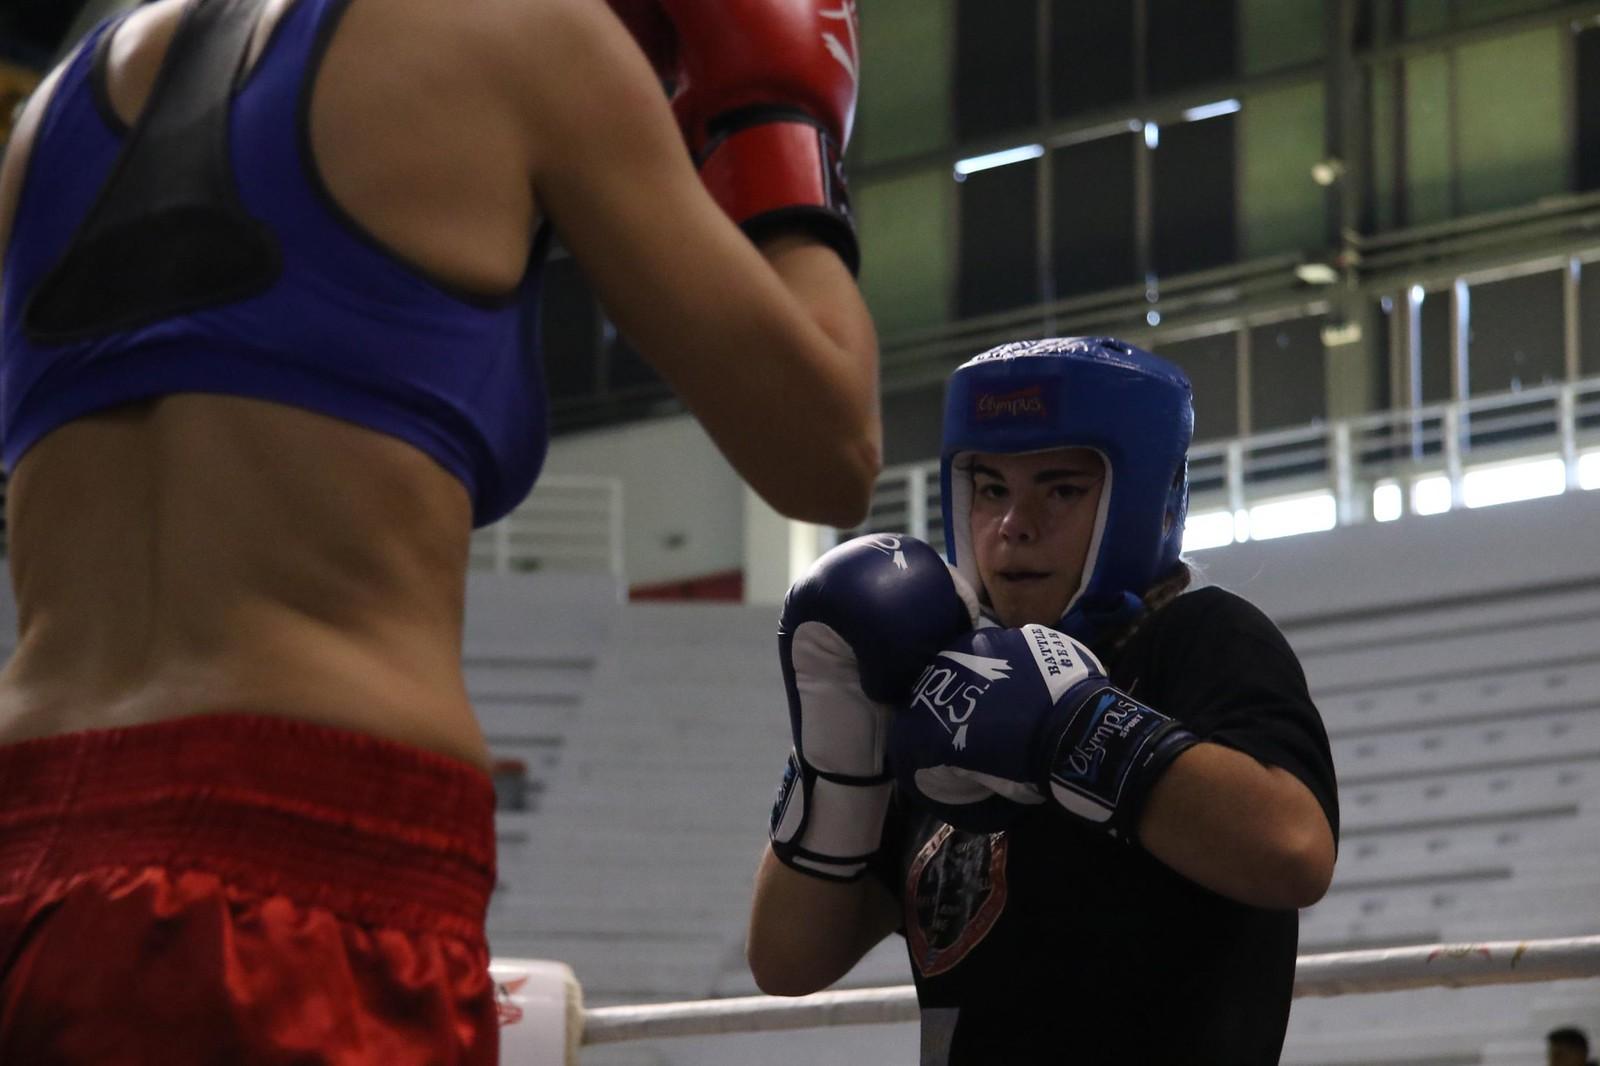 International Fight Club Open 2017 - Part II